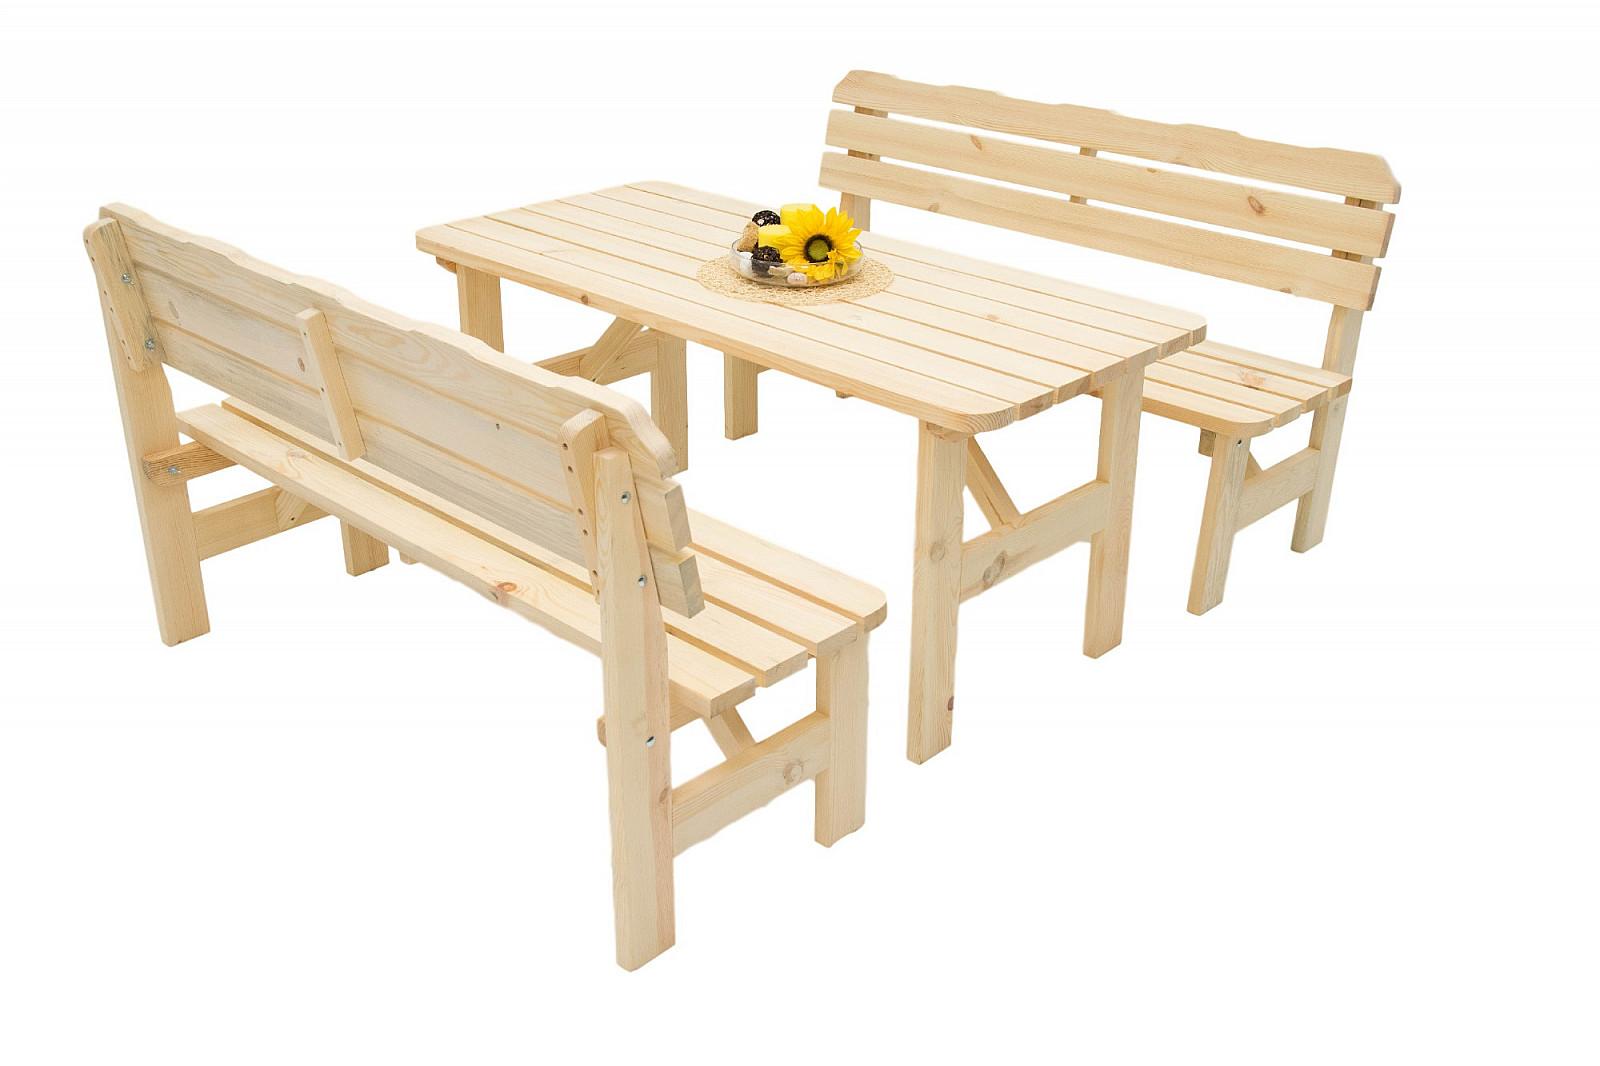 DEOKORK Masivní dřevěná zahradní sestava z borovice 1+2 dřevo 32 mm (200 cm)